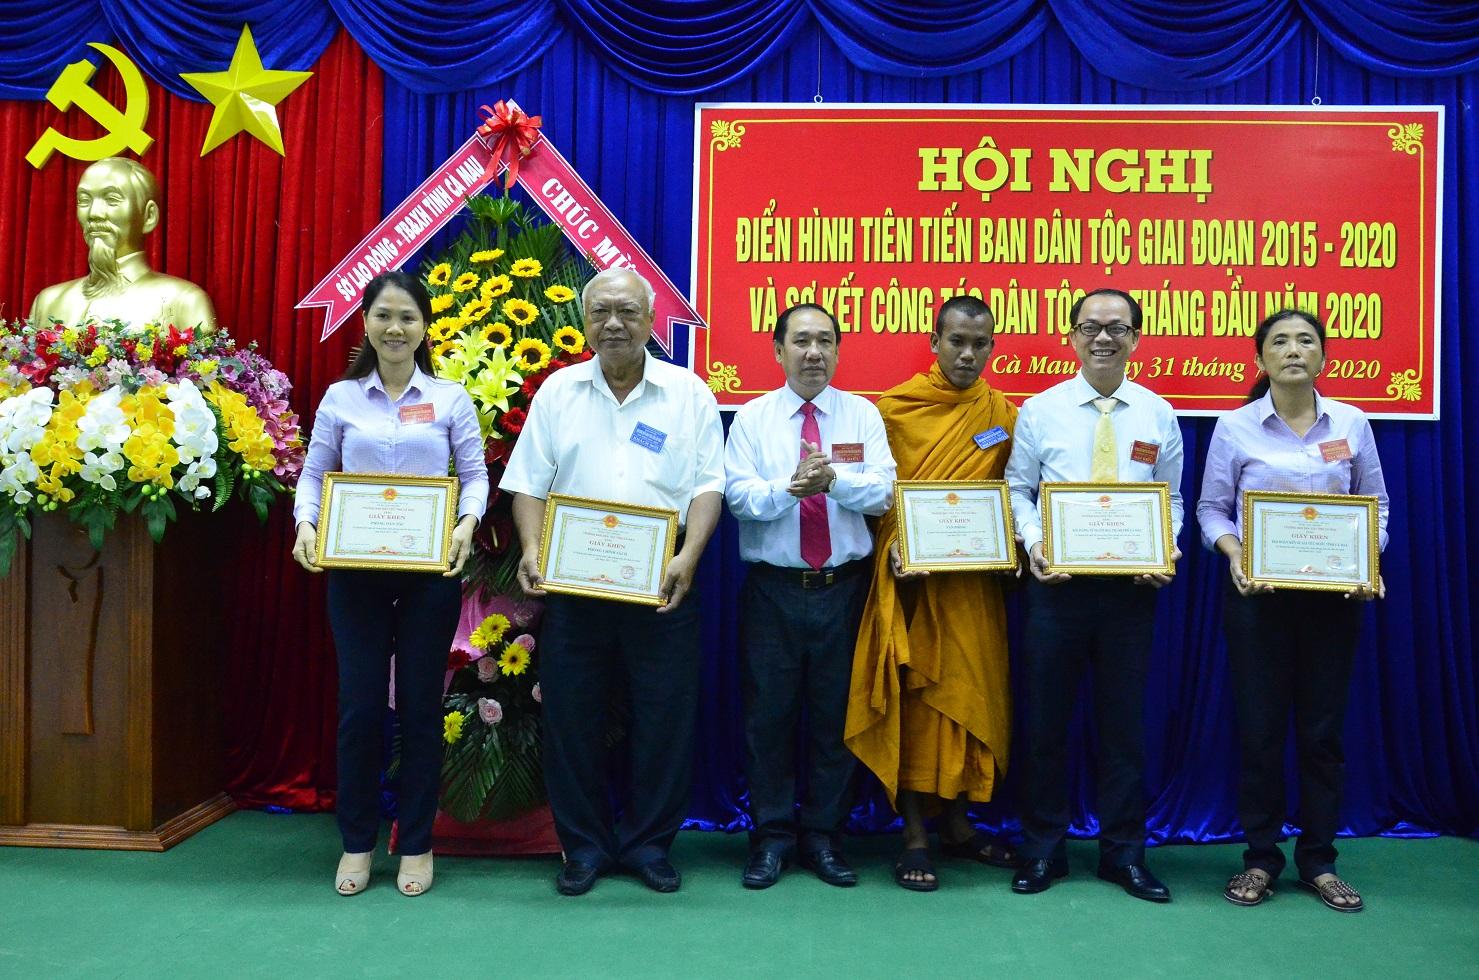 Phó Trưởng Ban Dân tộc tỉnh Cà Mau Nguyễn Thành Niệm trao Giấy khen cho các cá nhân có thành tích xuất sắc trong phong trào thi đua, giai đoạn 2015 – 2020